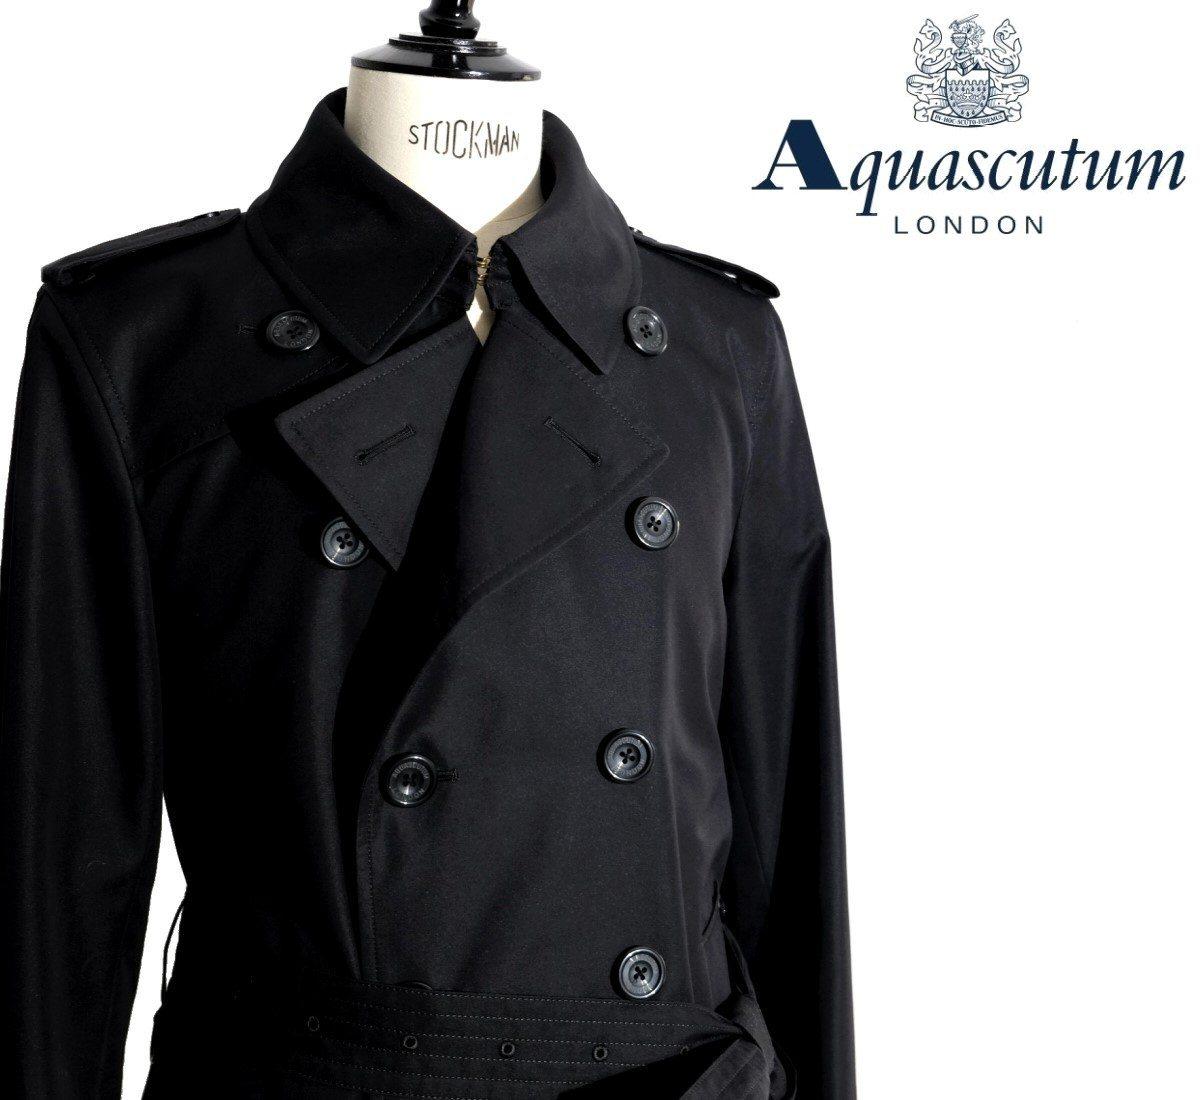 Aquascutum【アクアスキュータム】定価132,000円(税込)◆30%OFF◆日本製PRINCEGATE ダブルブレストトレンチコート撥水加工 ブラック